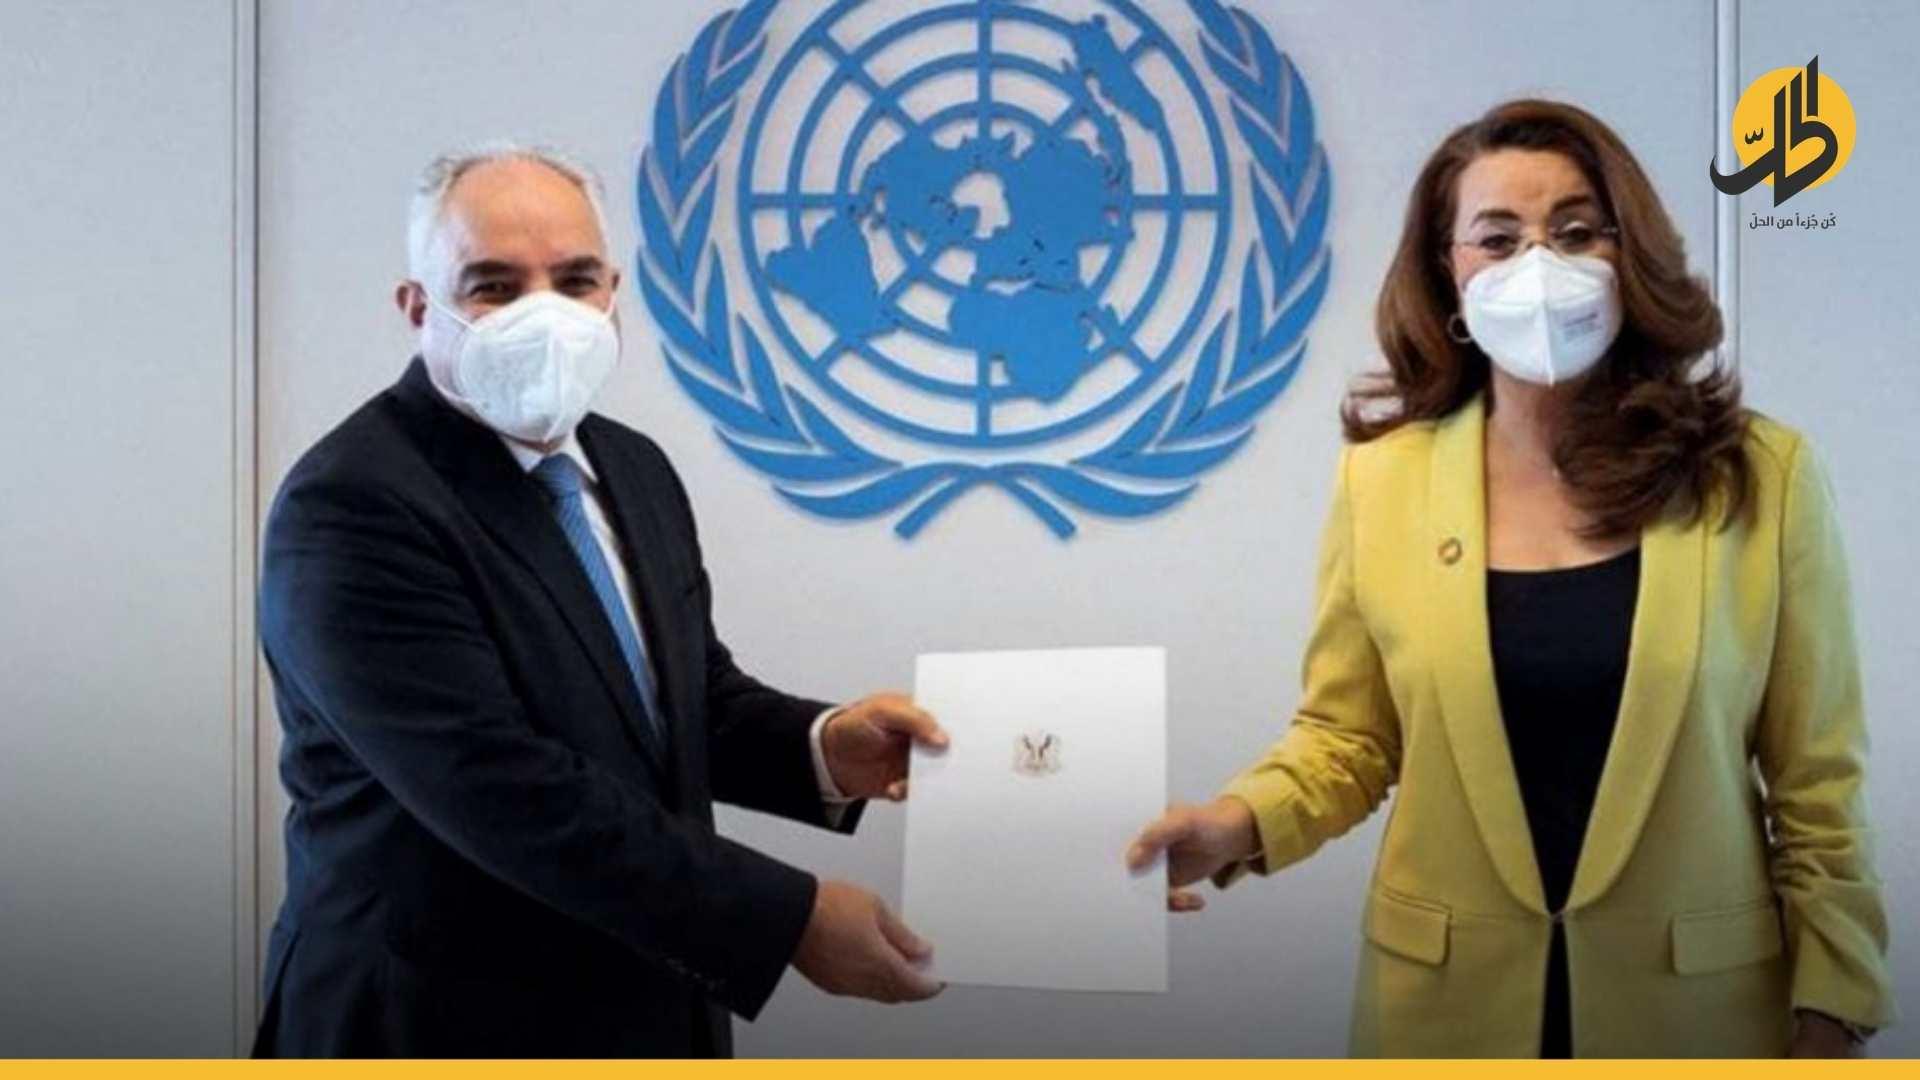 رغم تورّطها بصناعة الكبتاغون.. سوريا تحصل على ممثلية لها في مكتب مكافحة المخدرات التابع للأمم المتحدة